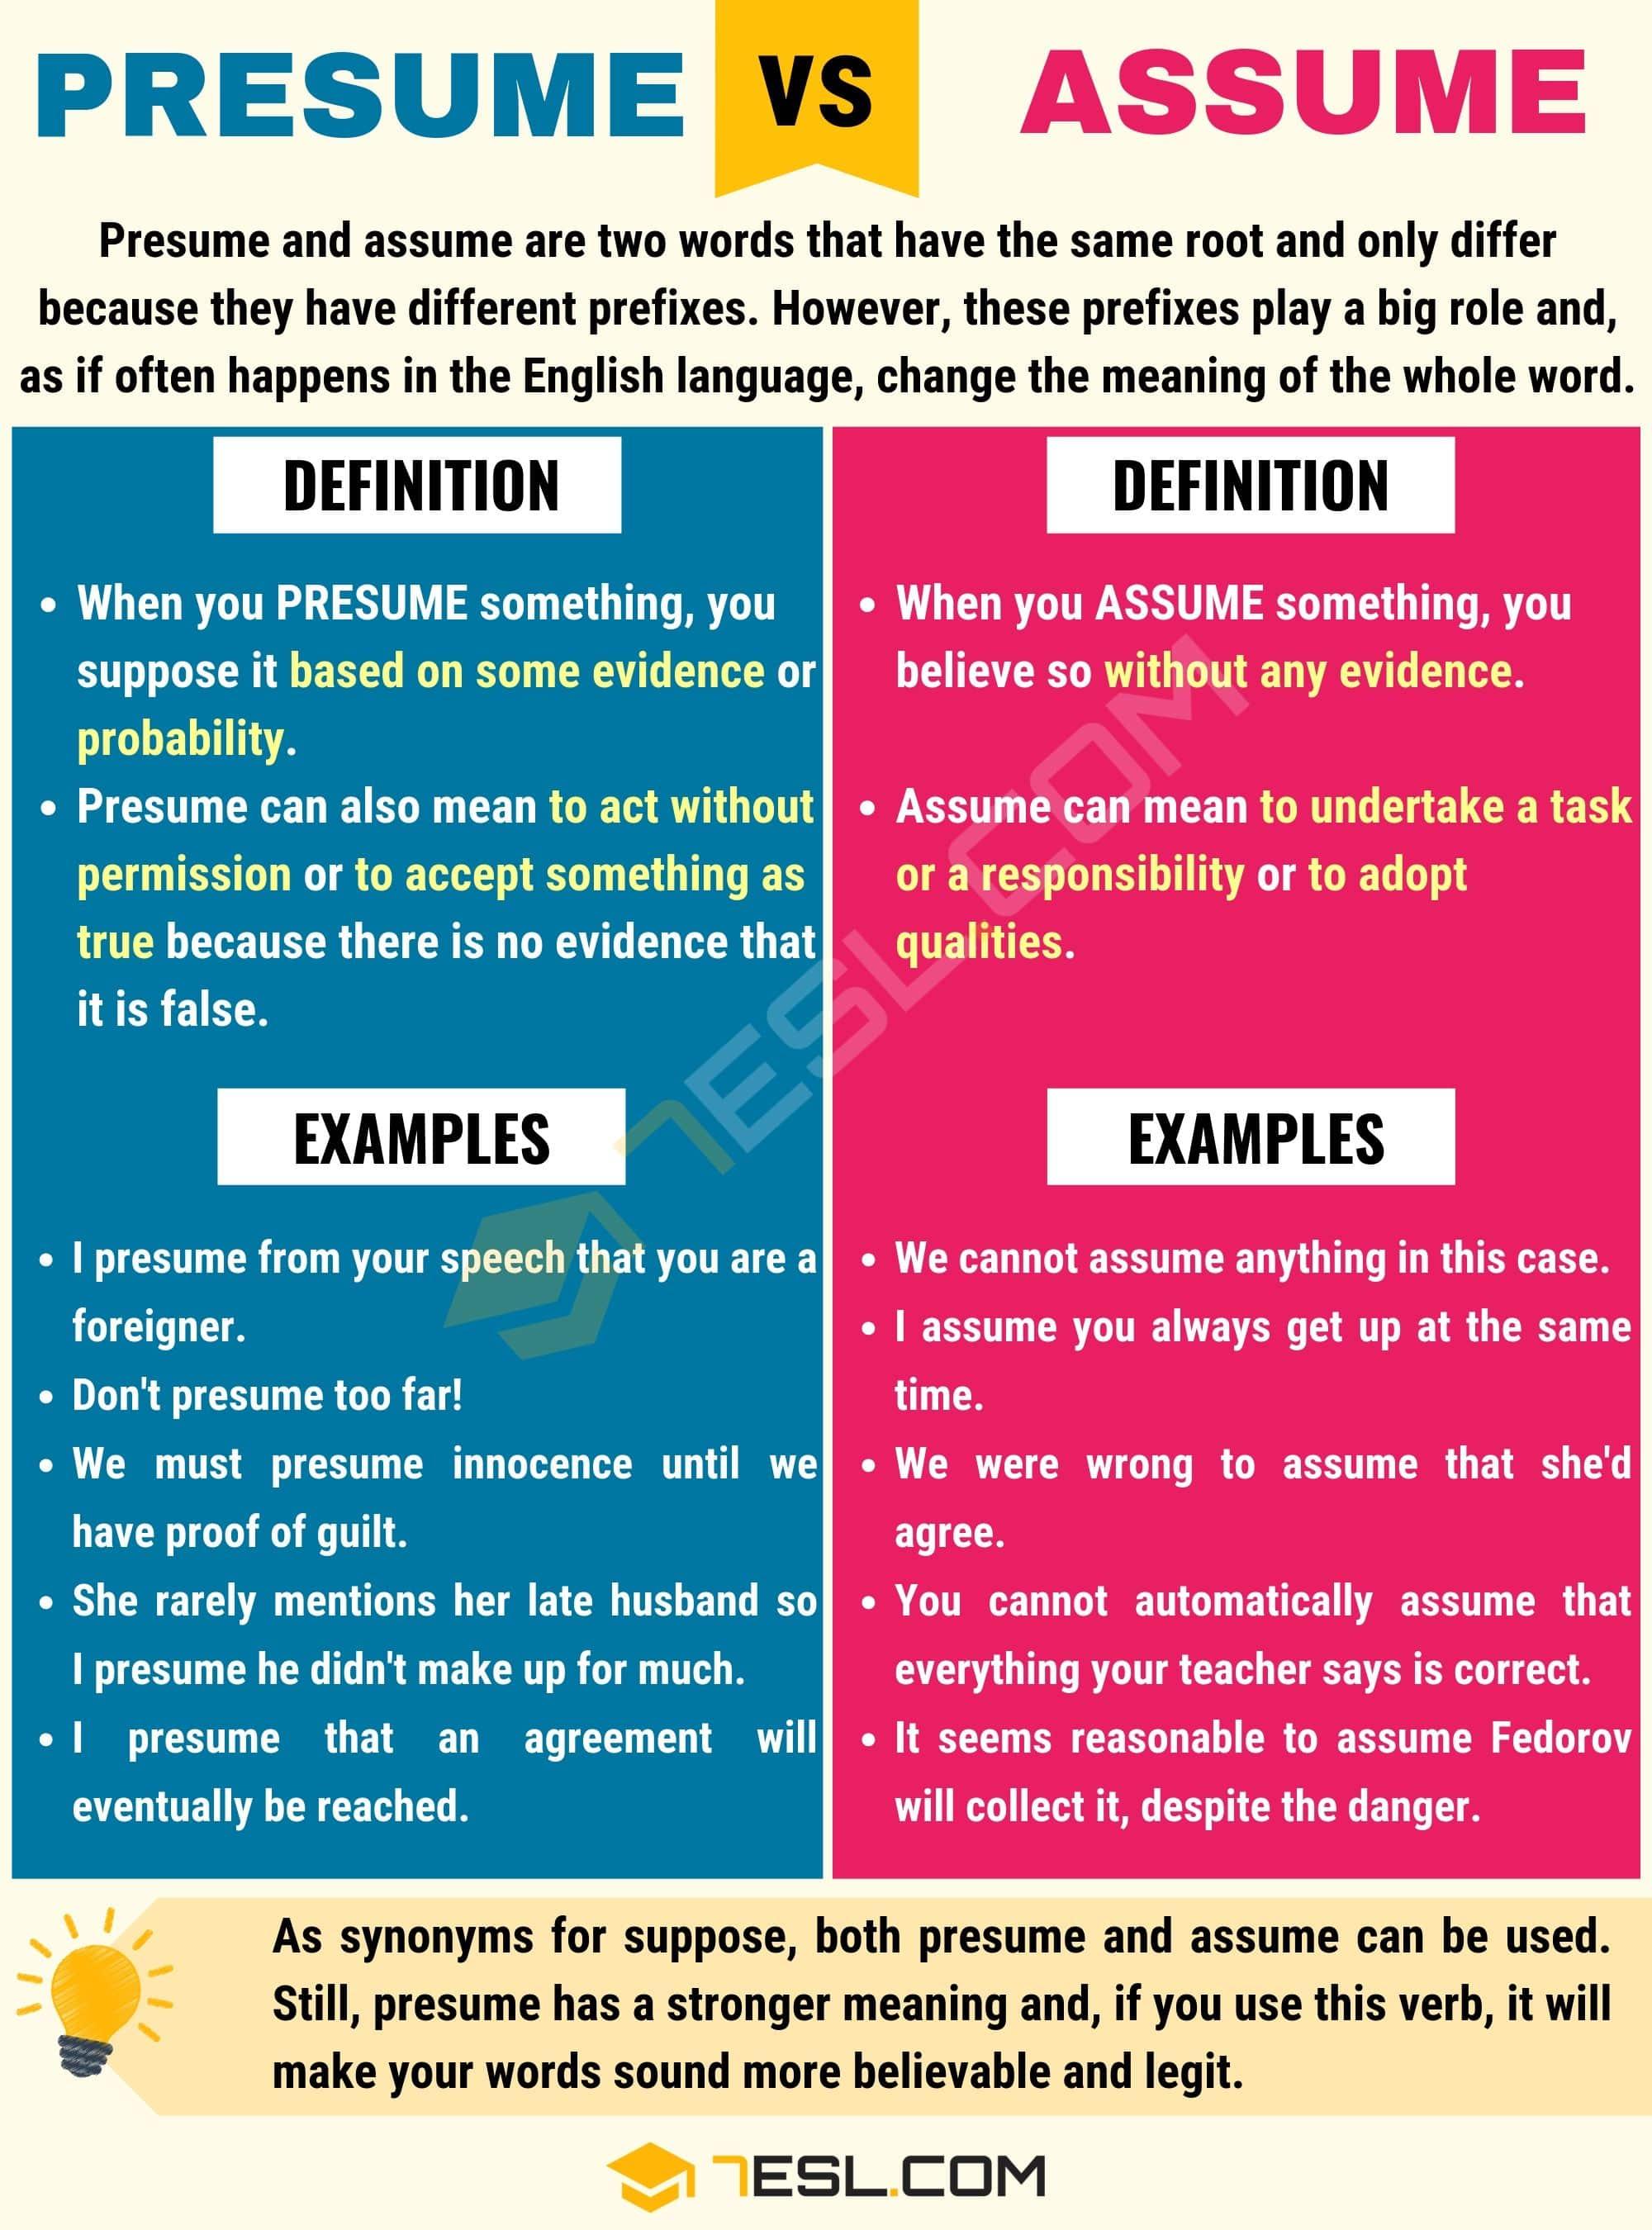 Presume vs Assume